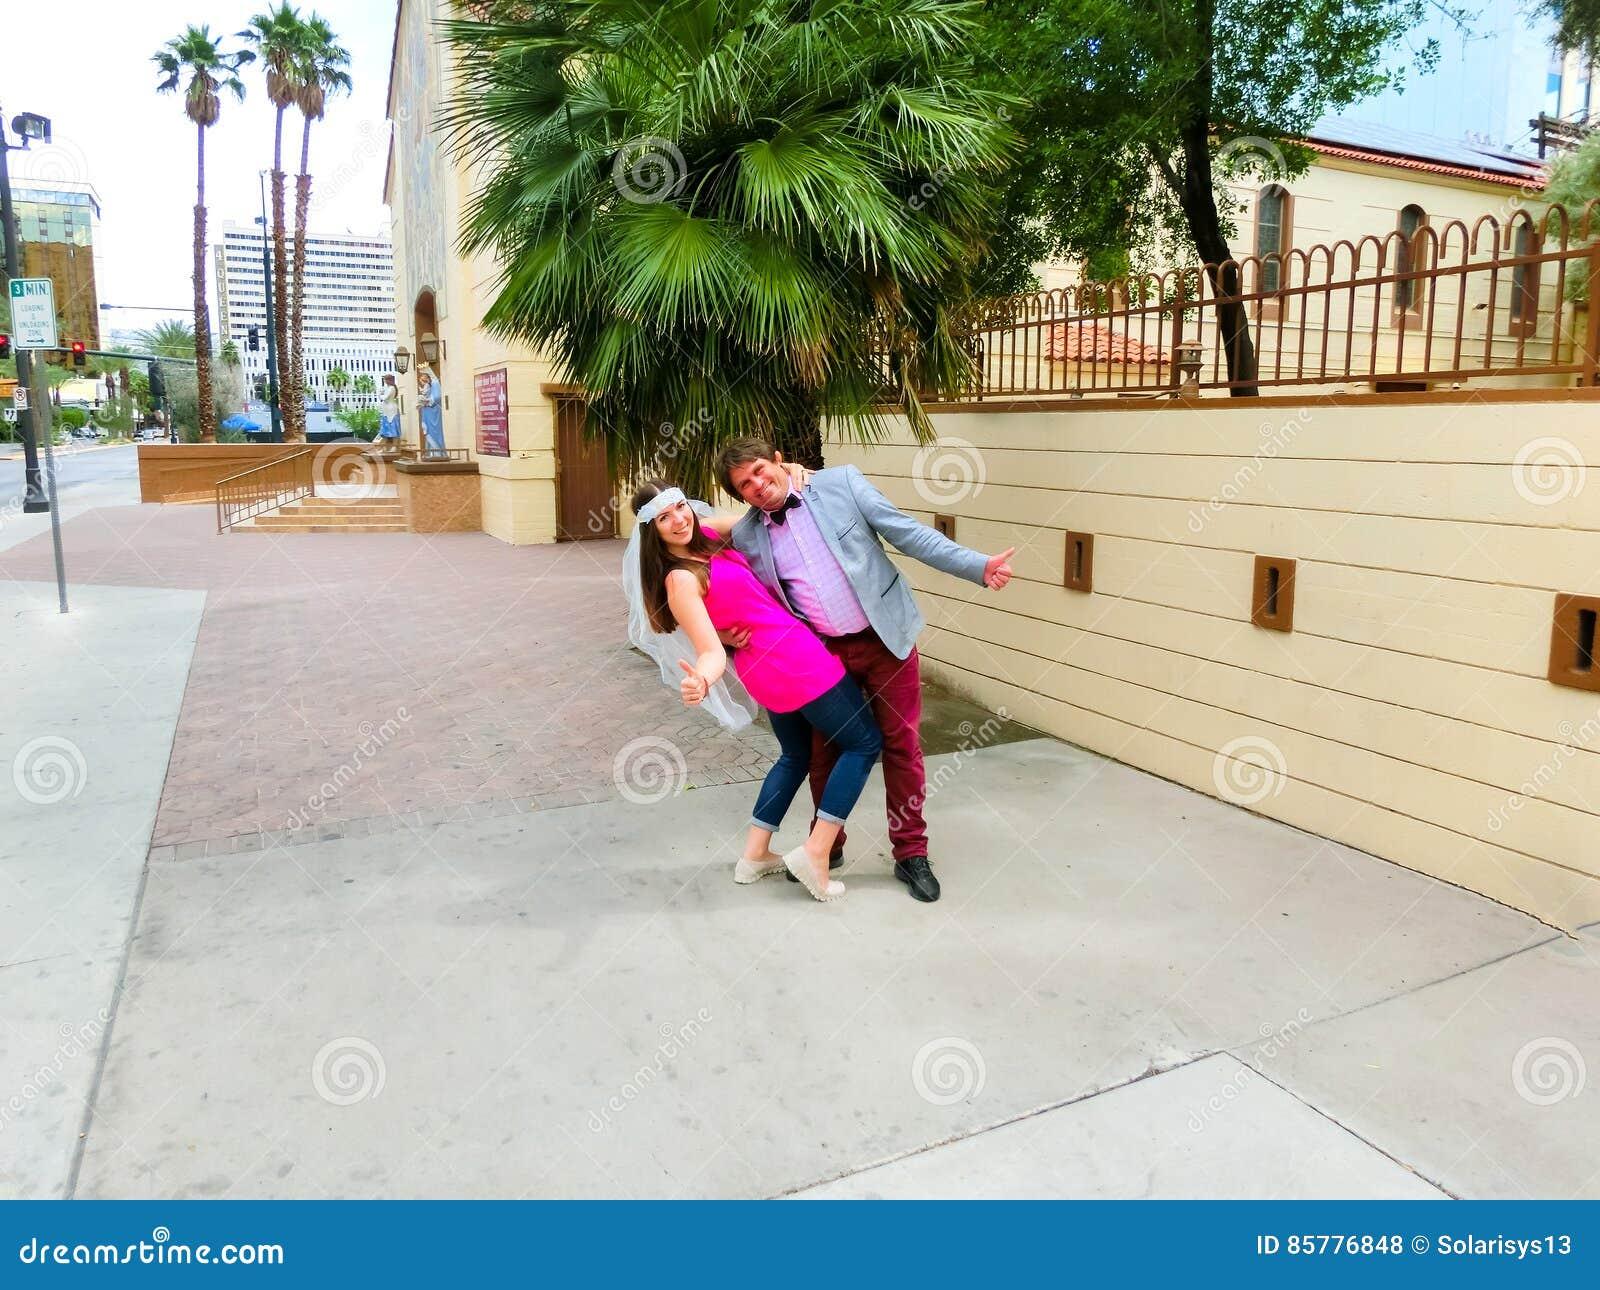 Las Vegas, die Vereinigten Staaten von Amerika - 7. Mai 2016: Heirat in Las Vegas an der kleinen weißen Kapelle